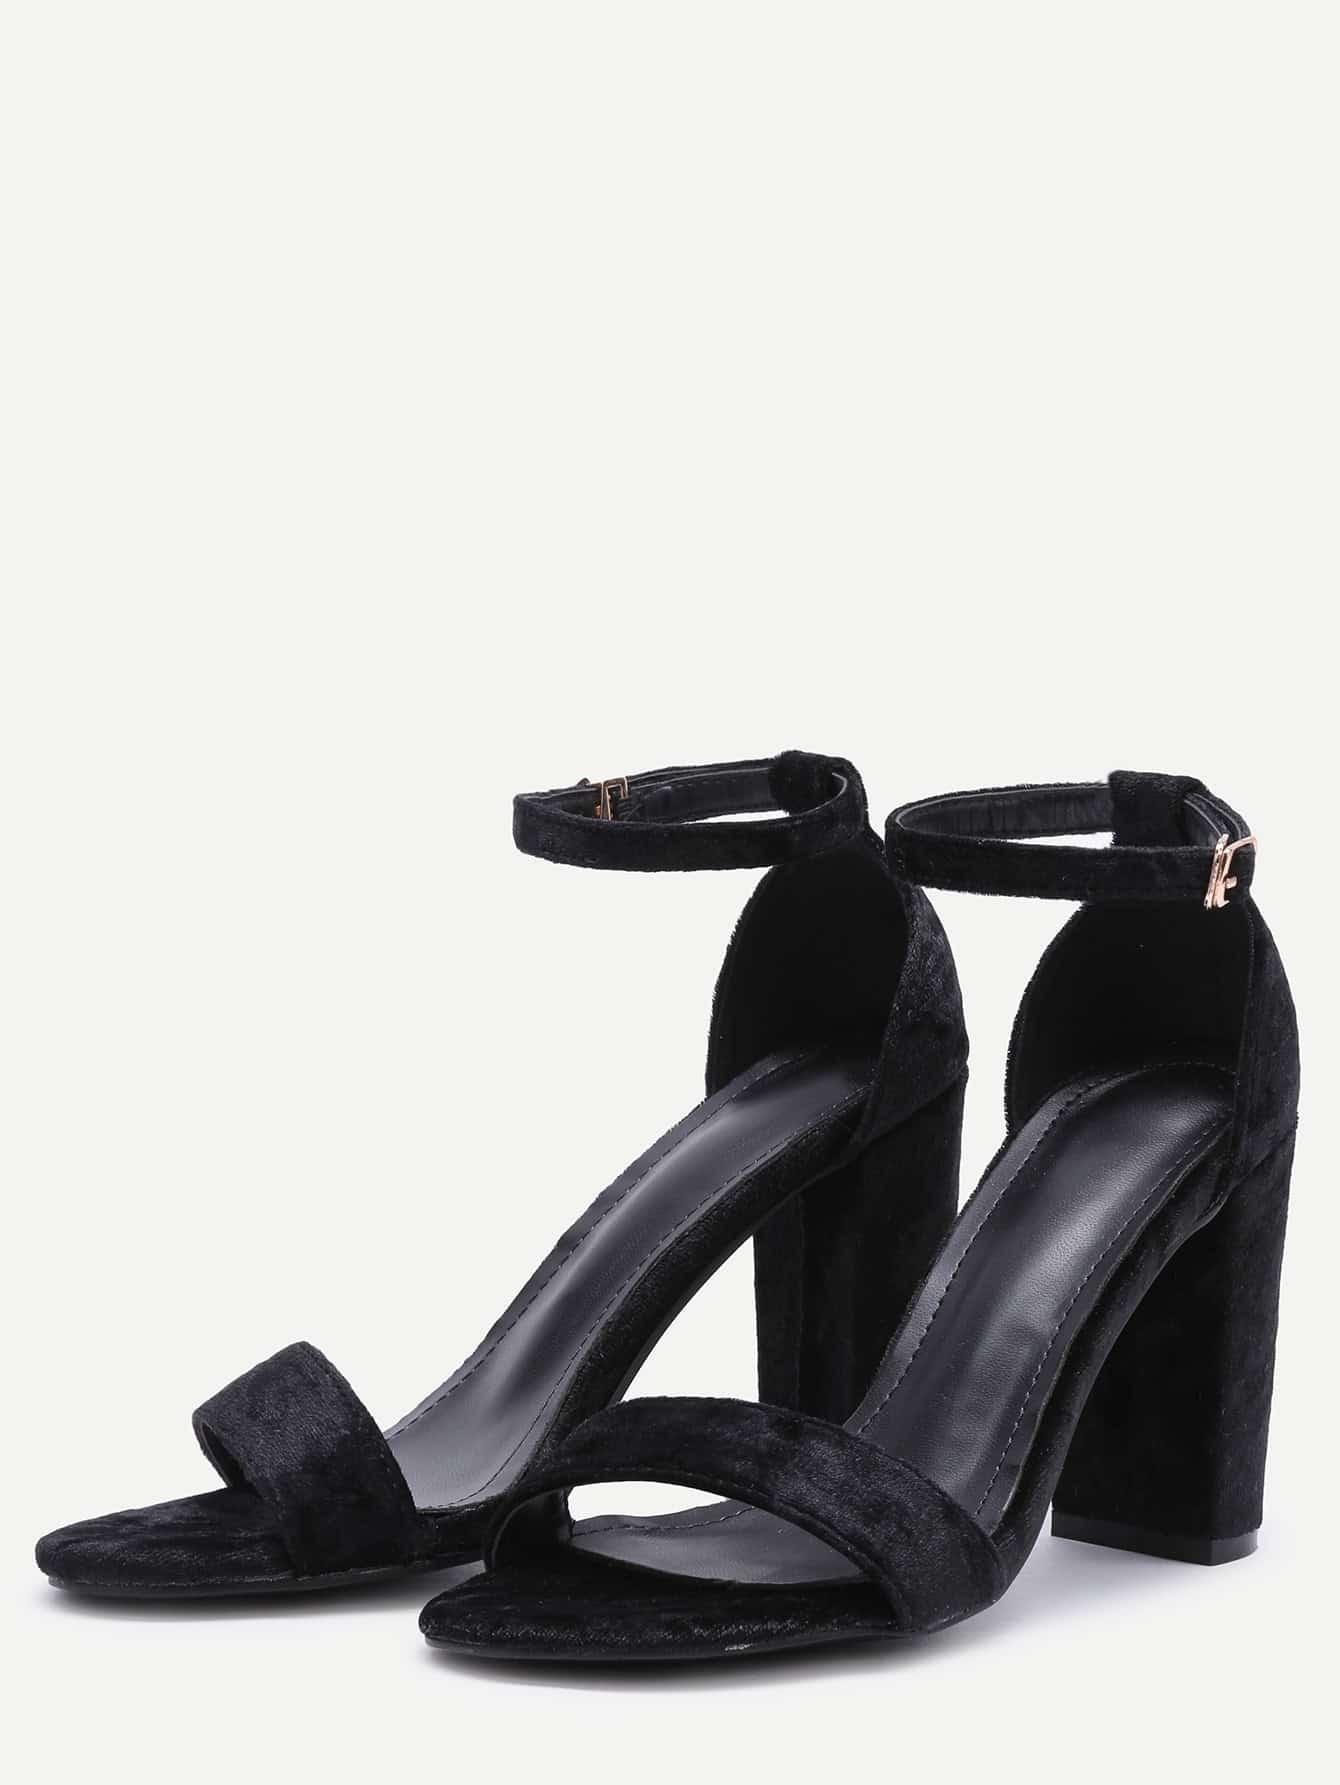 shoes161102806_2